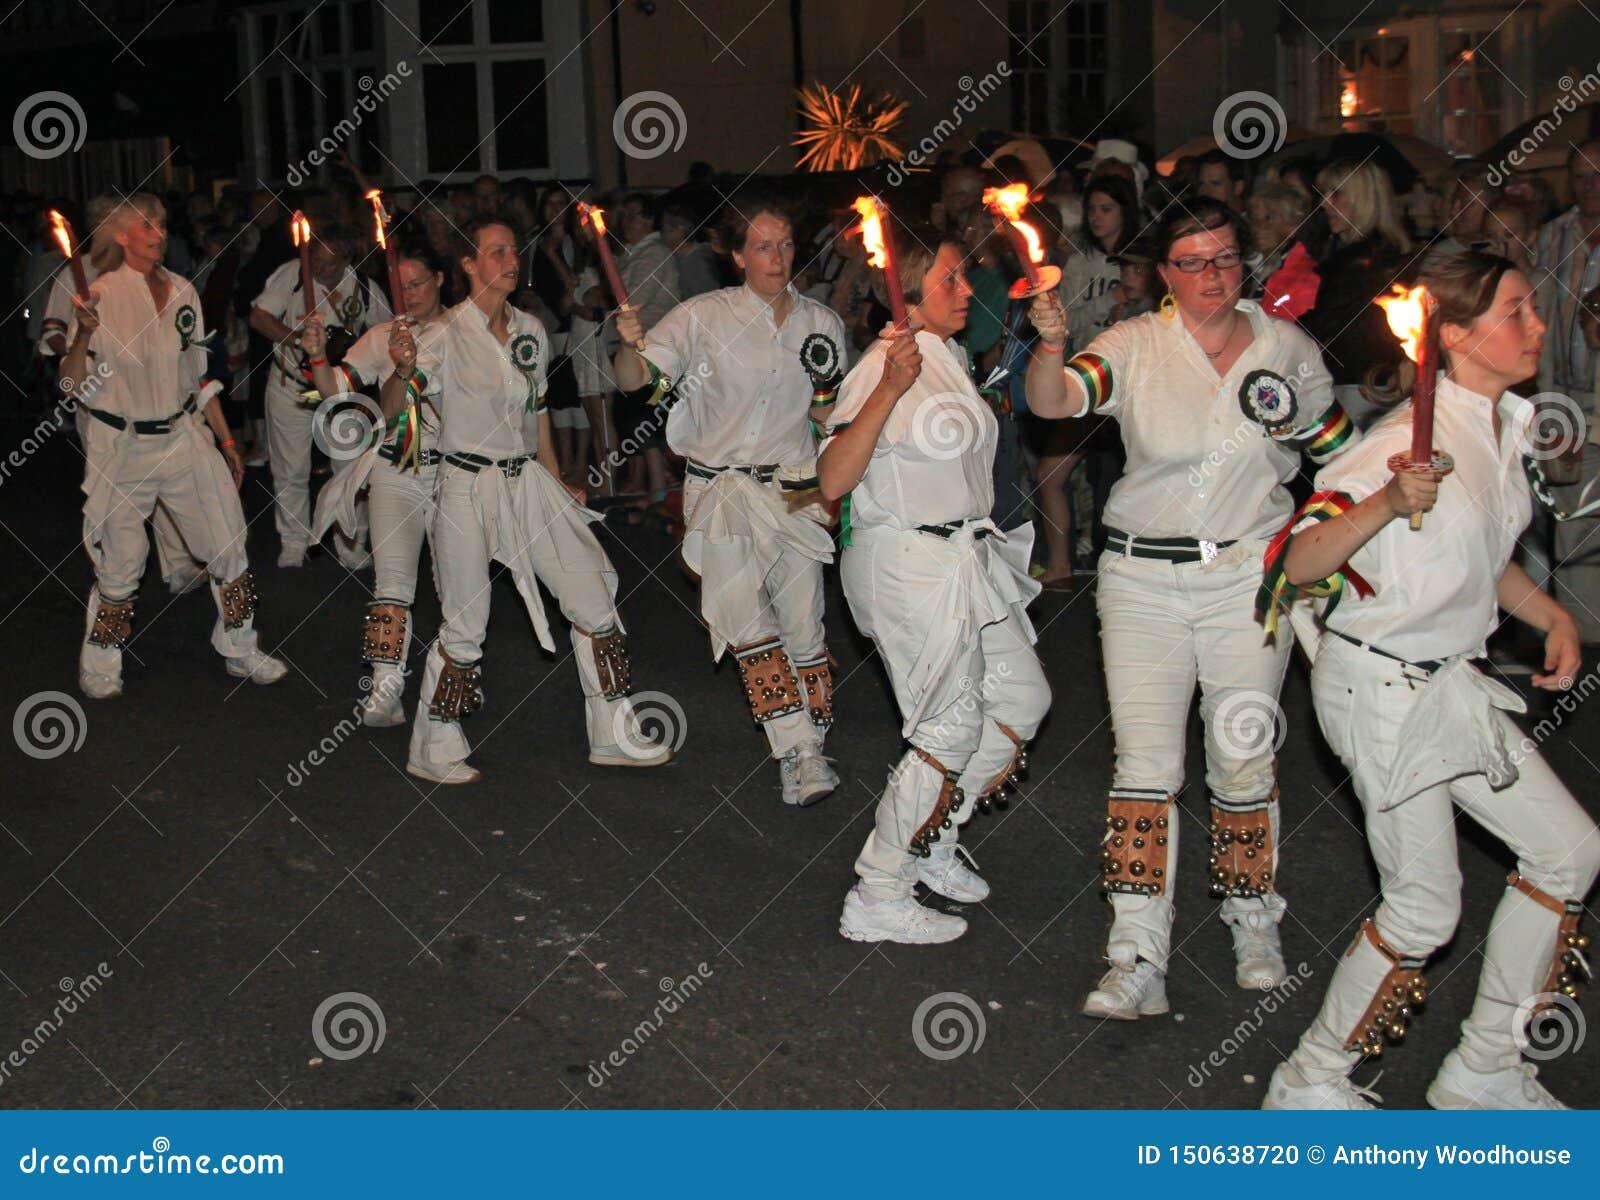 SIDMOUTH, ДЕВОН, АНГЛИЯ - 10-ОЕ АВГУСТА 2012: Troup танцоров молодой дамы Моррис держит их пламенеющие факелы по мере того как он